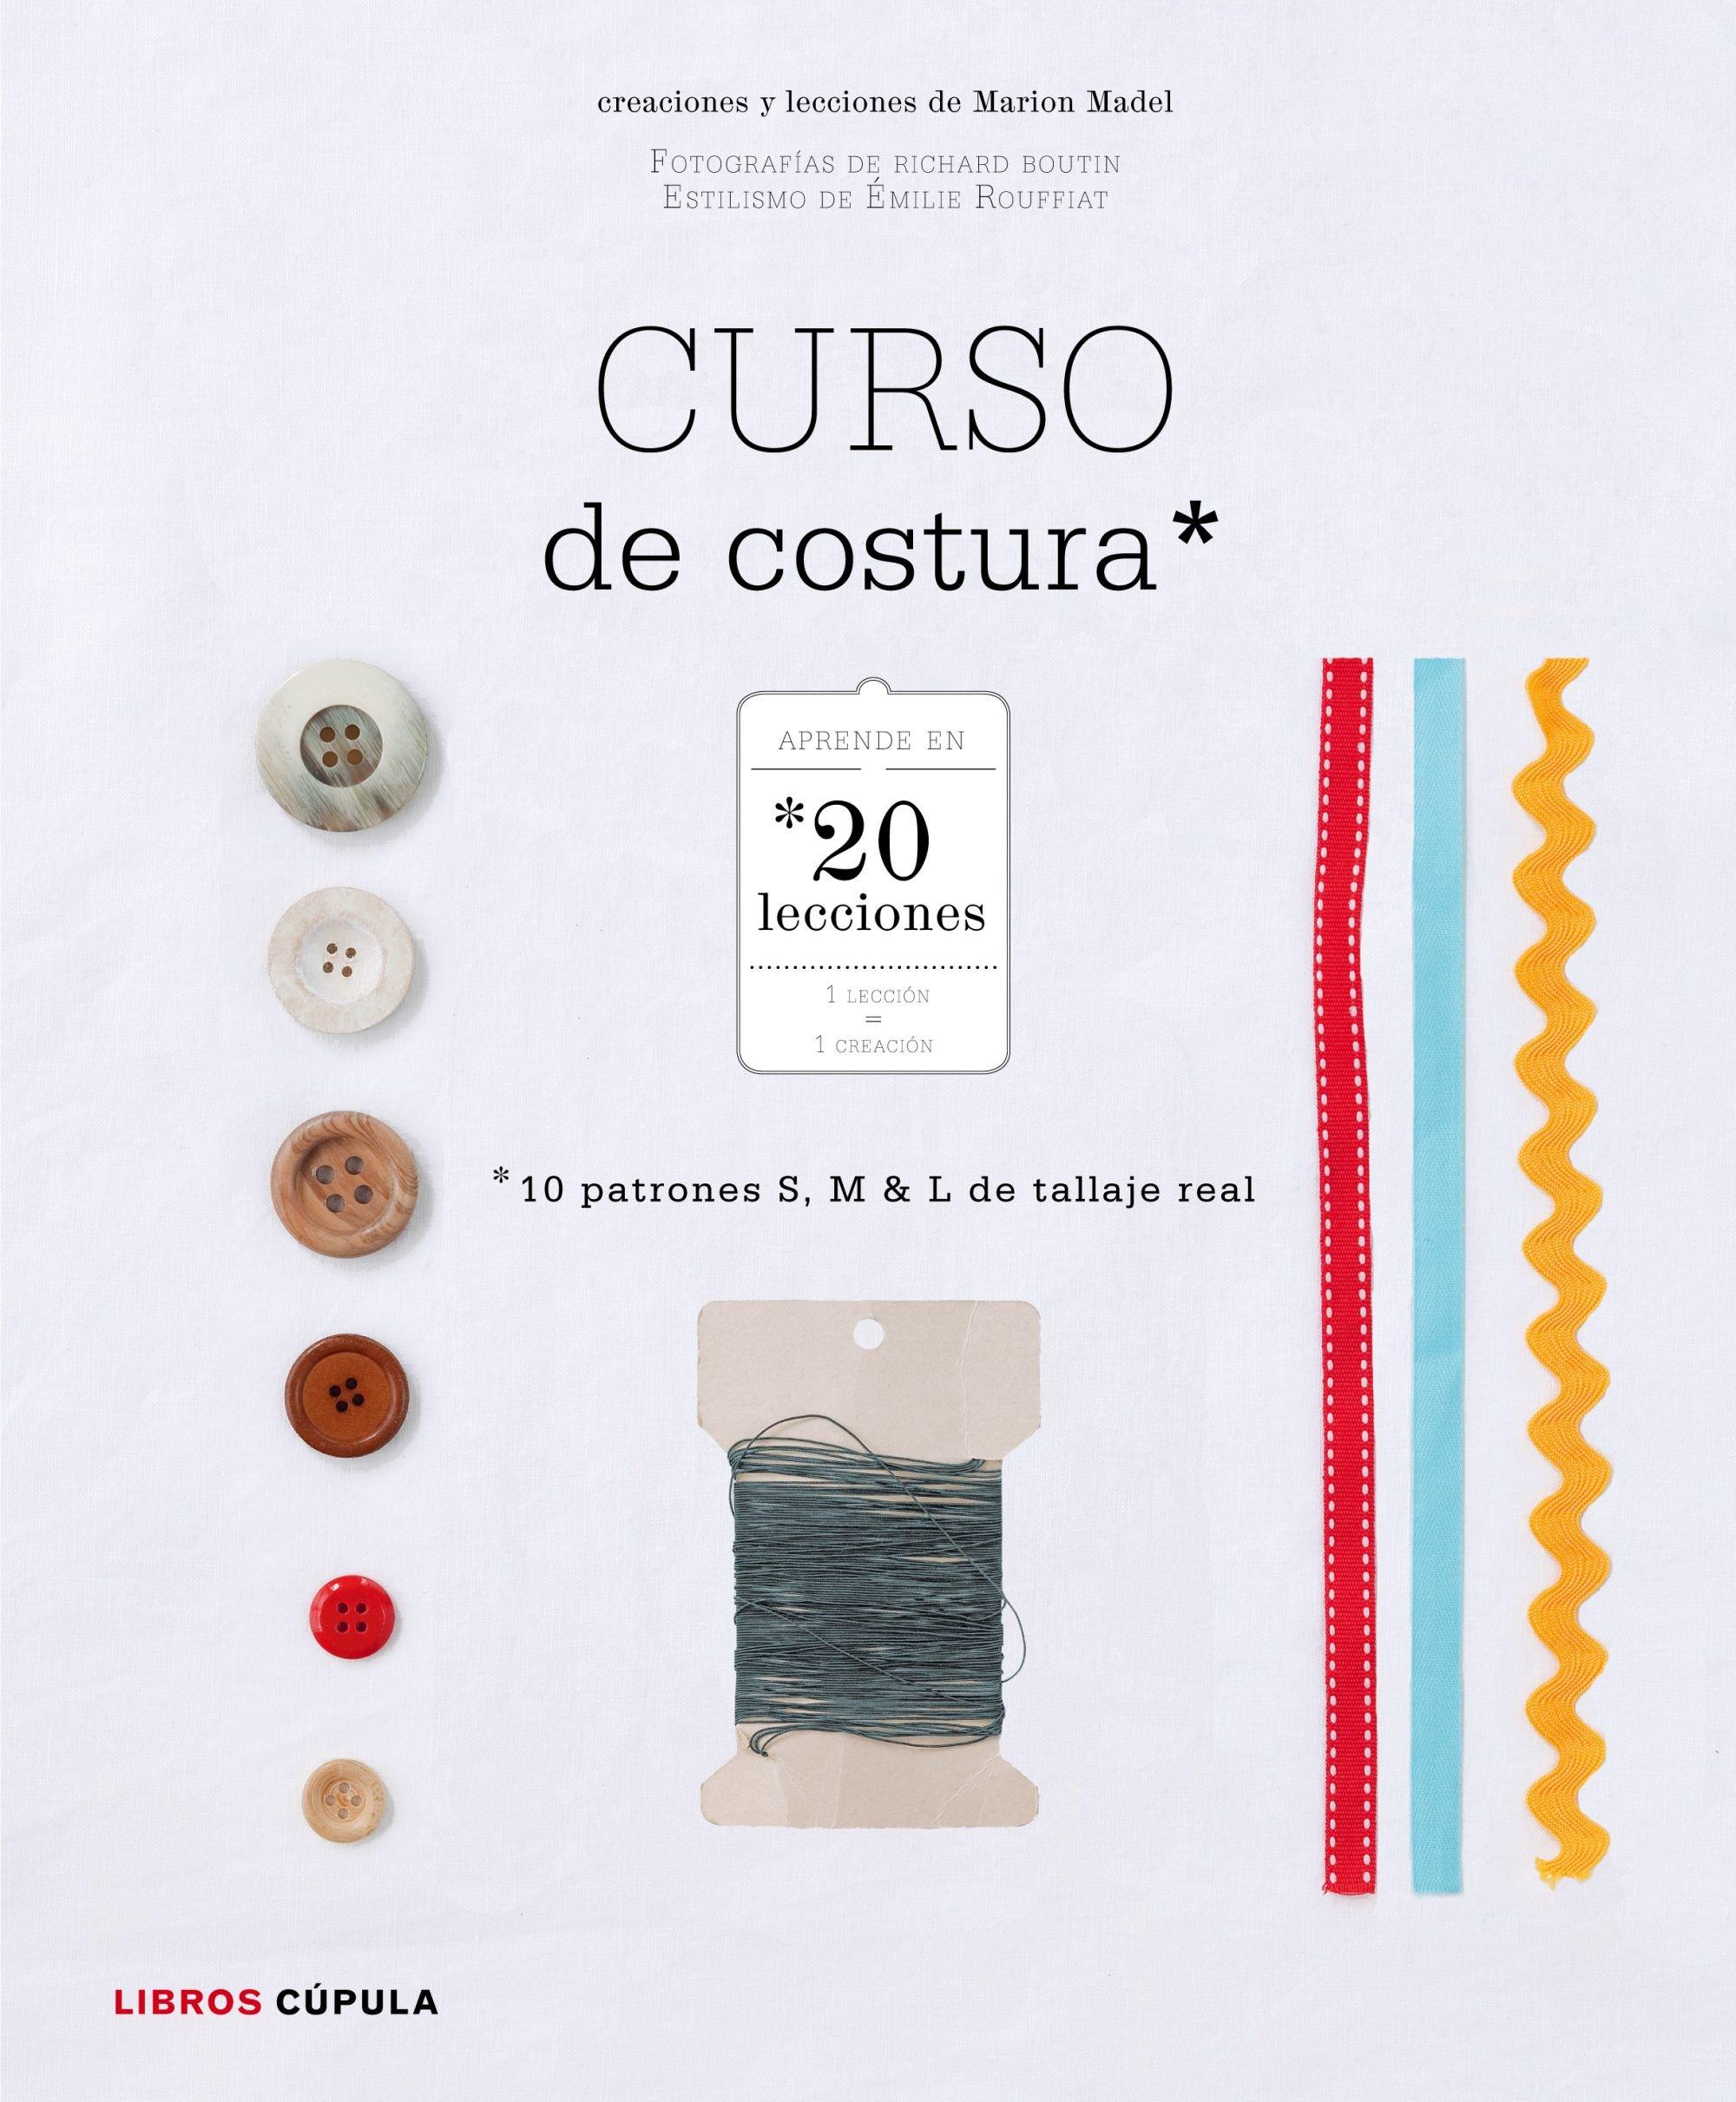 Curso de costura (Hobbies): Amazon.es: Madel, Marion, Daruma: Libros